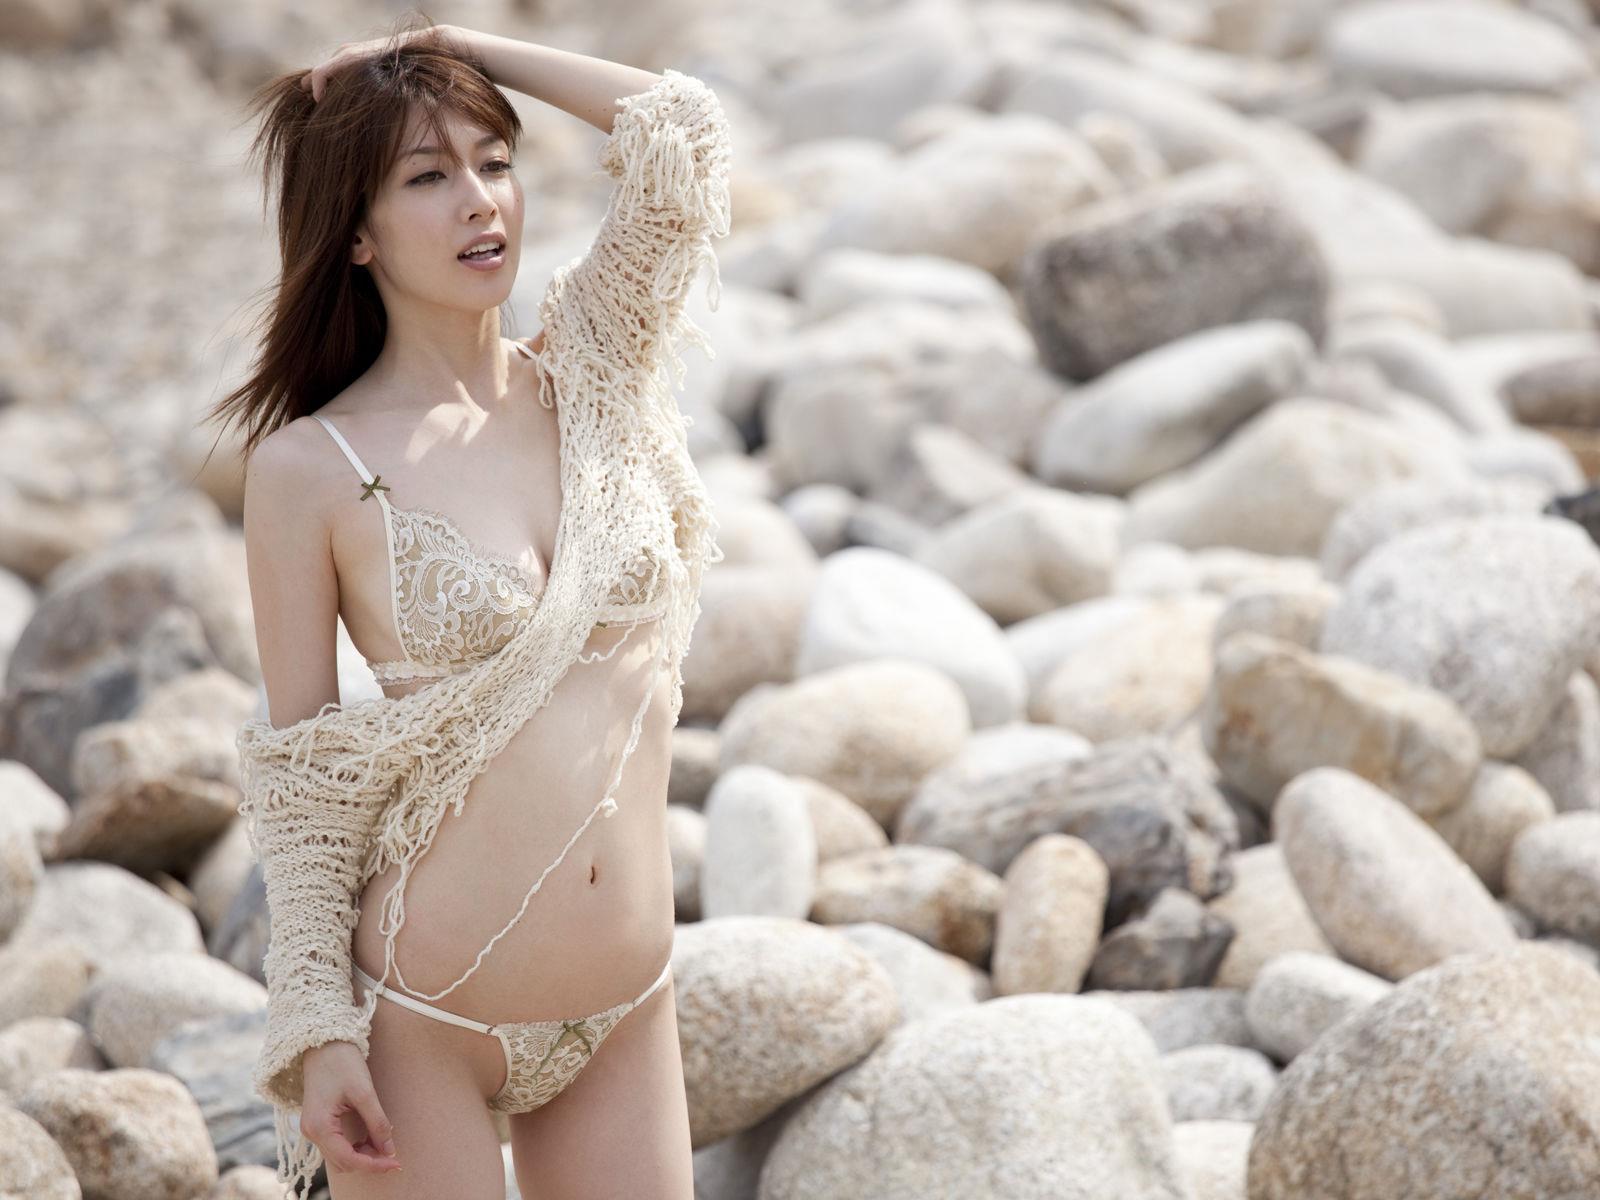 小林恵美 セミヌード画像 70